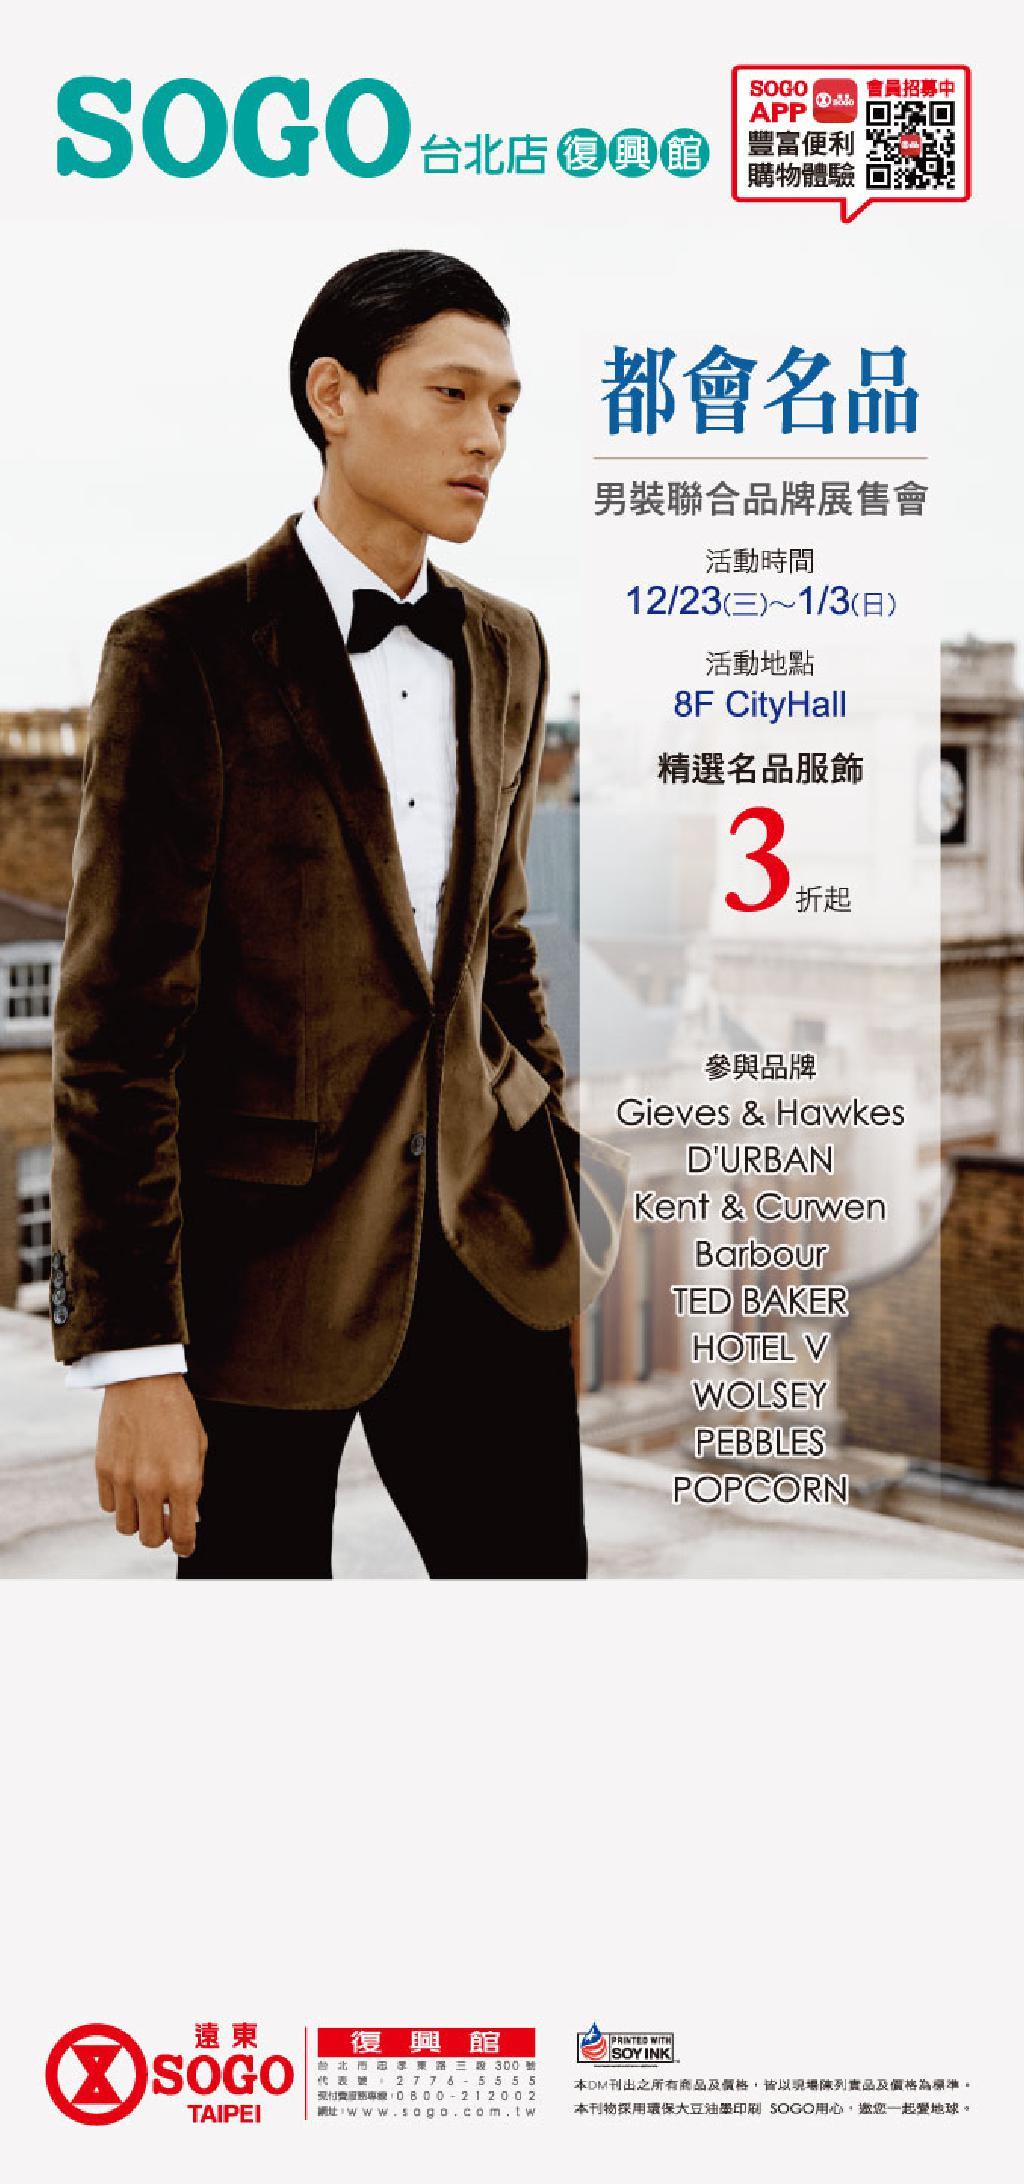 SOGO《台北復興館》「都會名品 男裝聯合品牌展售會」 【2021/1/3 止】